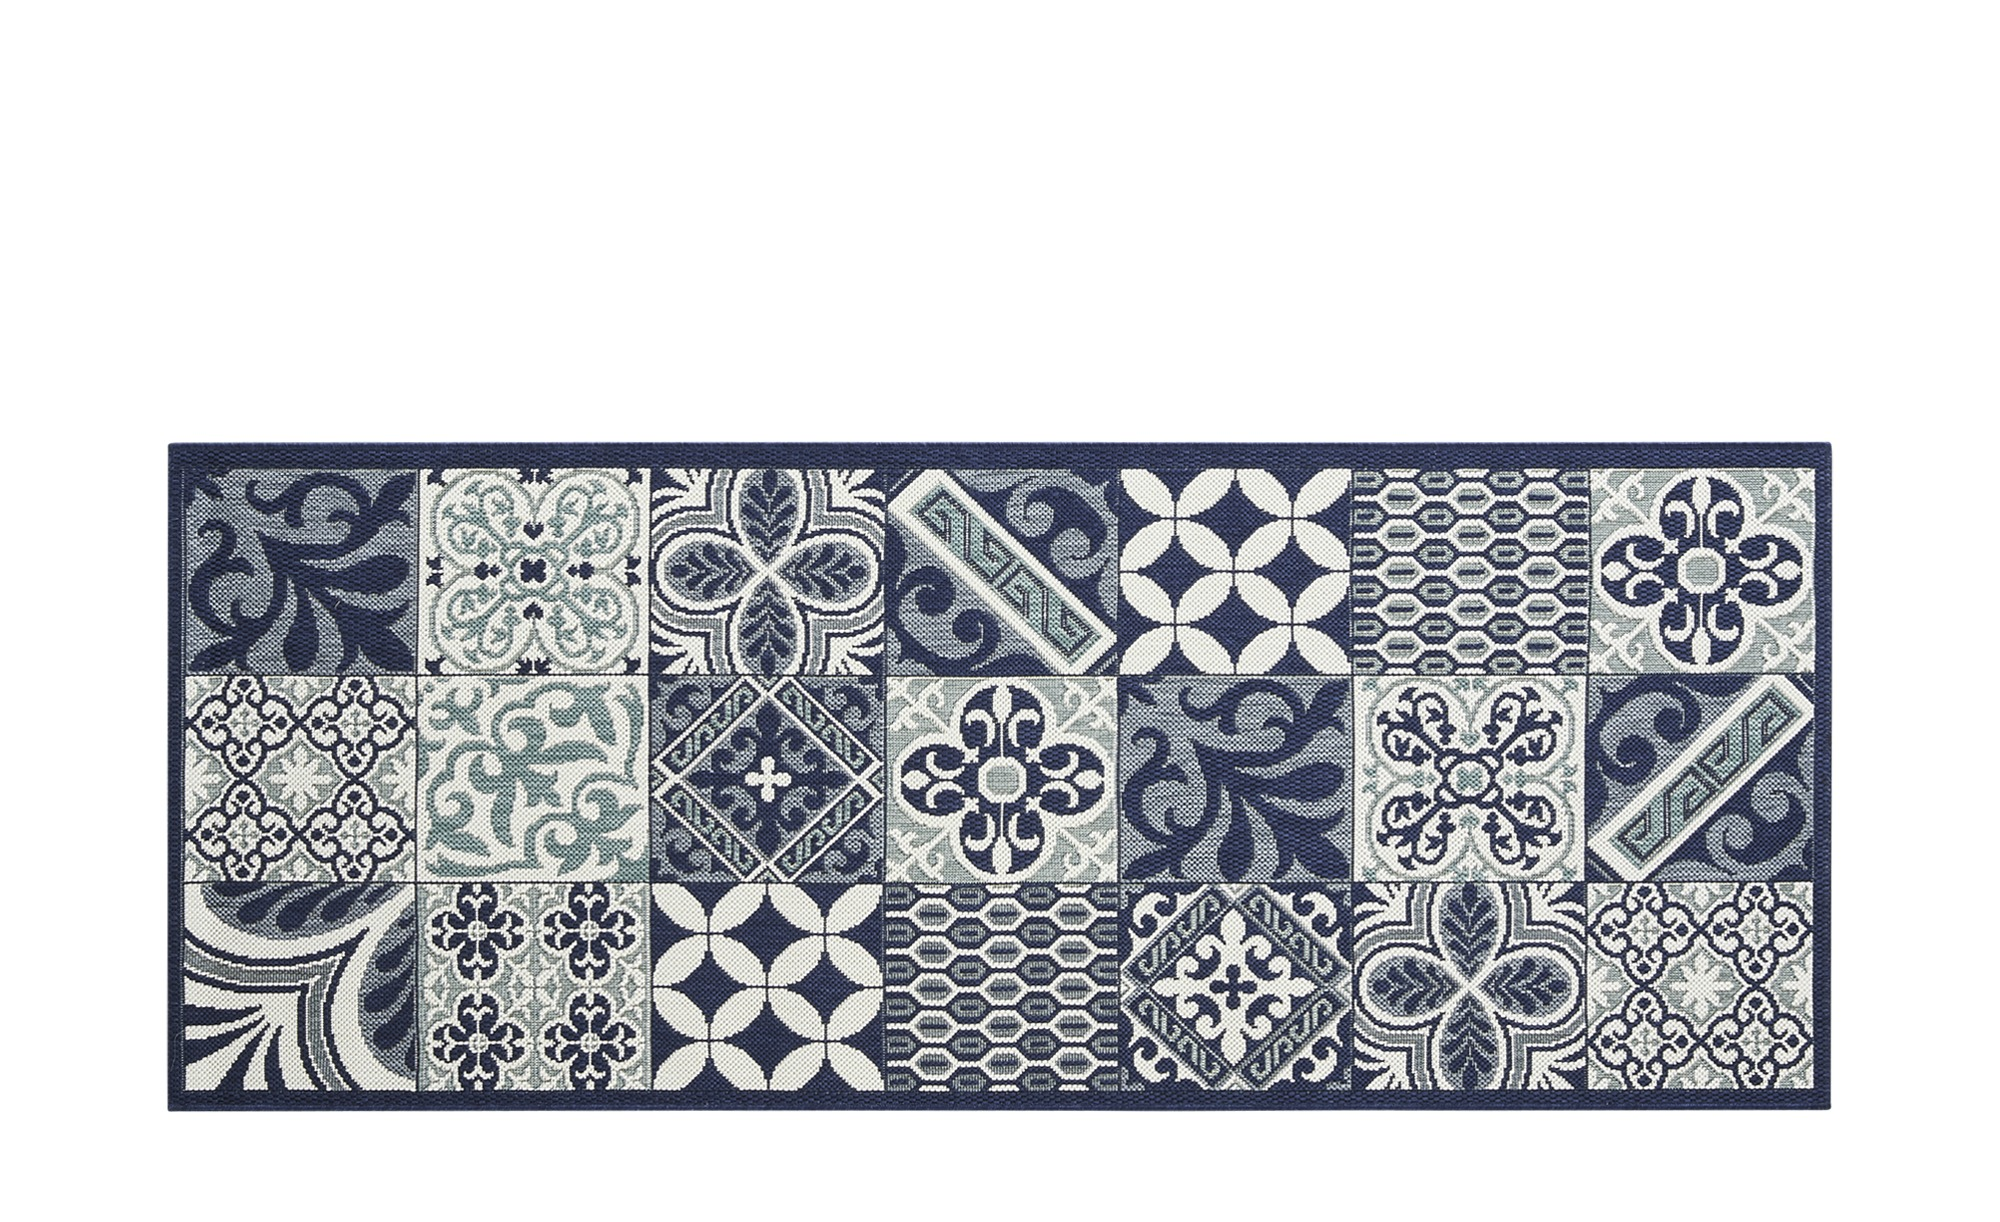 Küchenläufer  Greek Island ¦ blau ¦ 100 % Polypropylen ¦ Maße (cm): B: 80 Teppiche > Wohnteppiche - Höffner